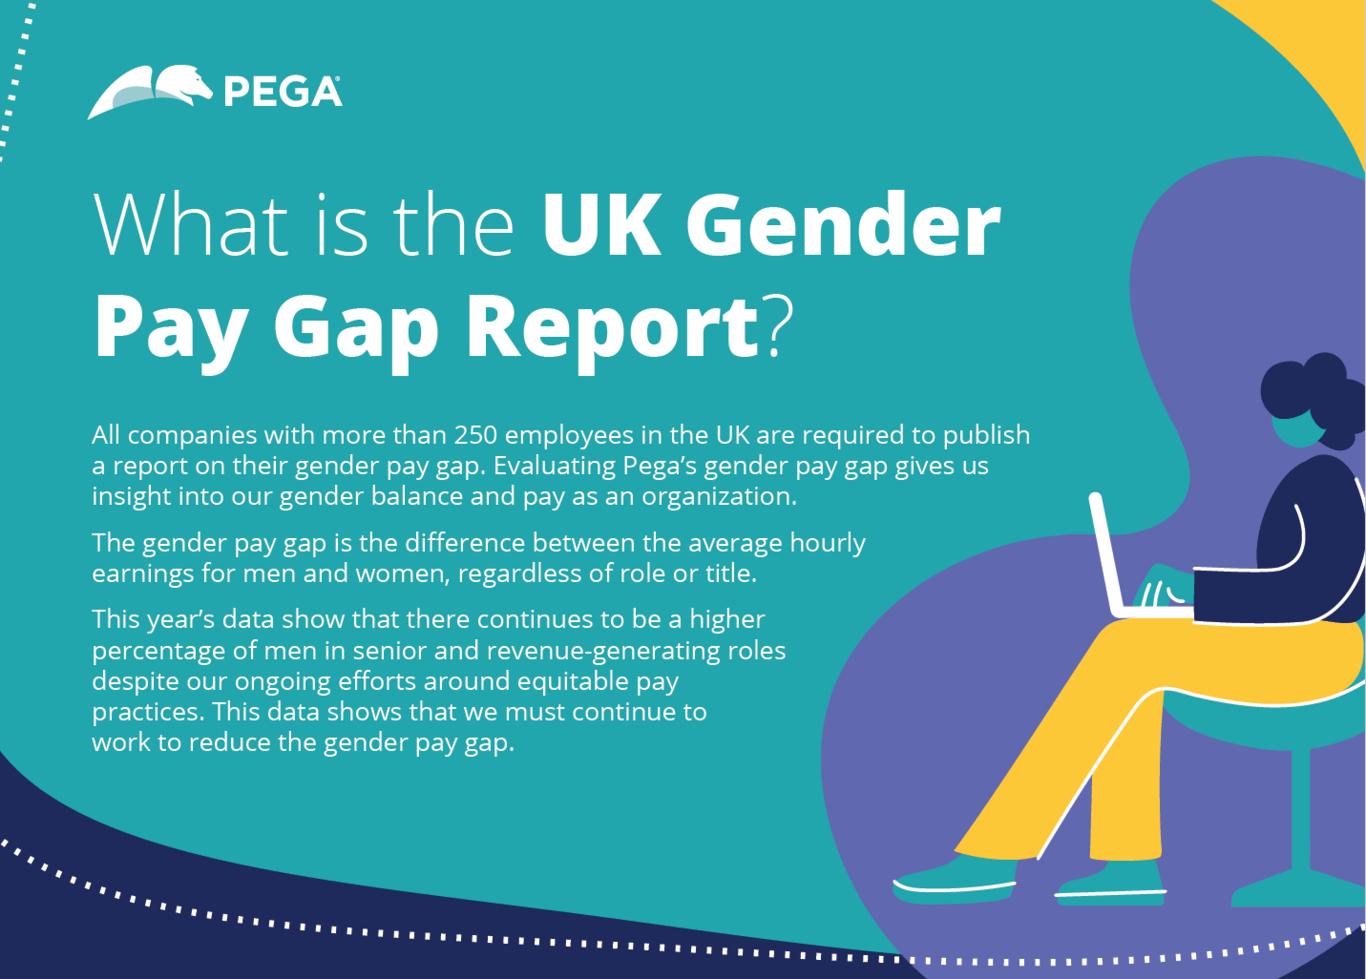 Pega UK Gender Pay Gap